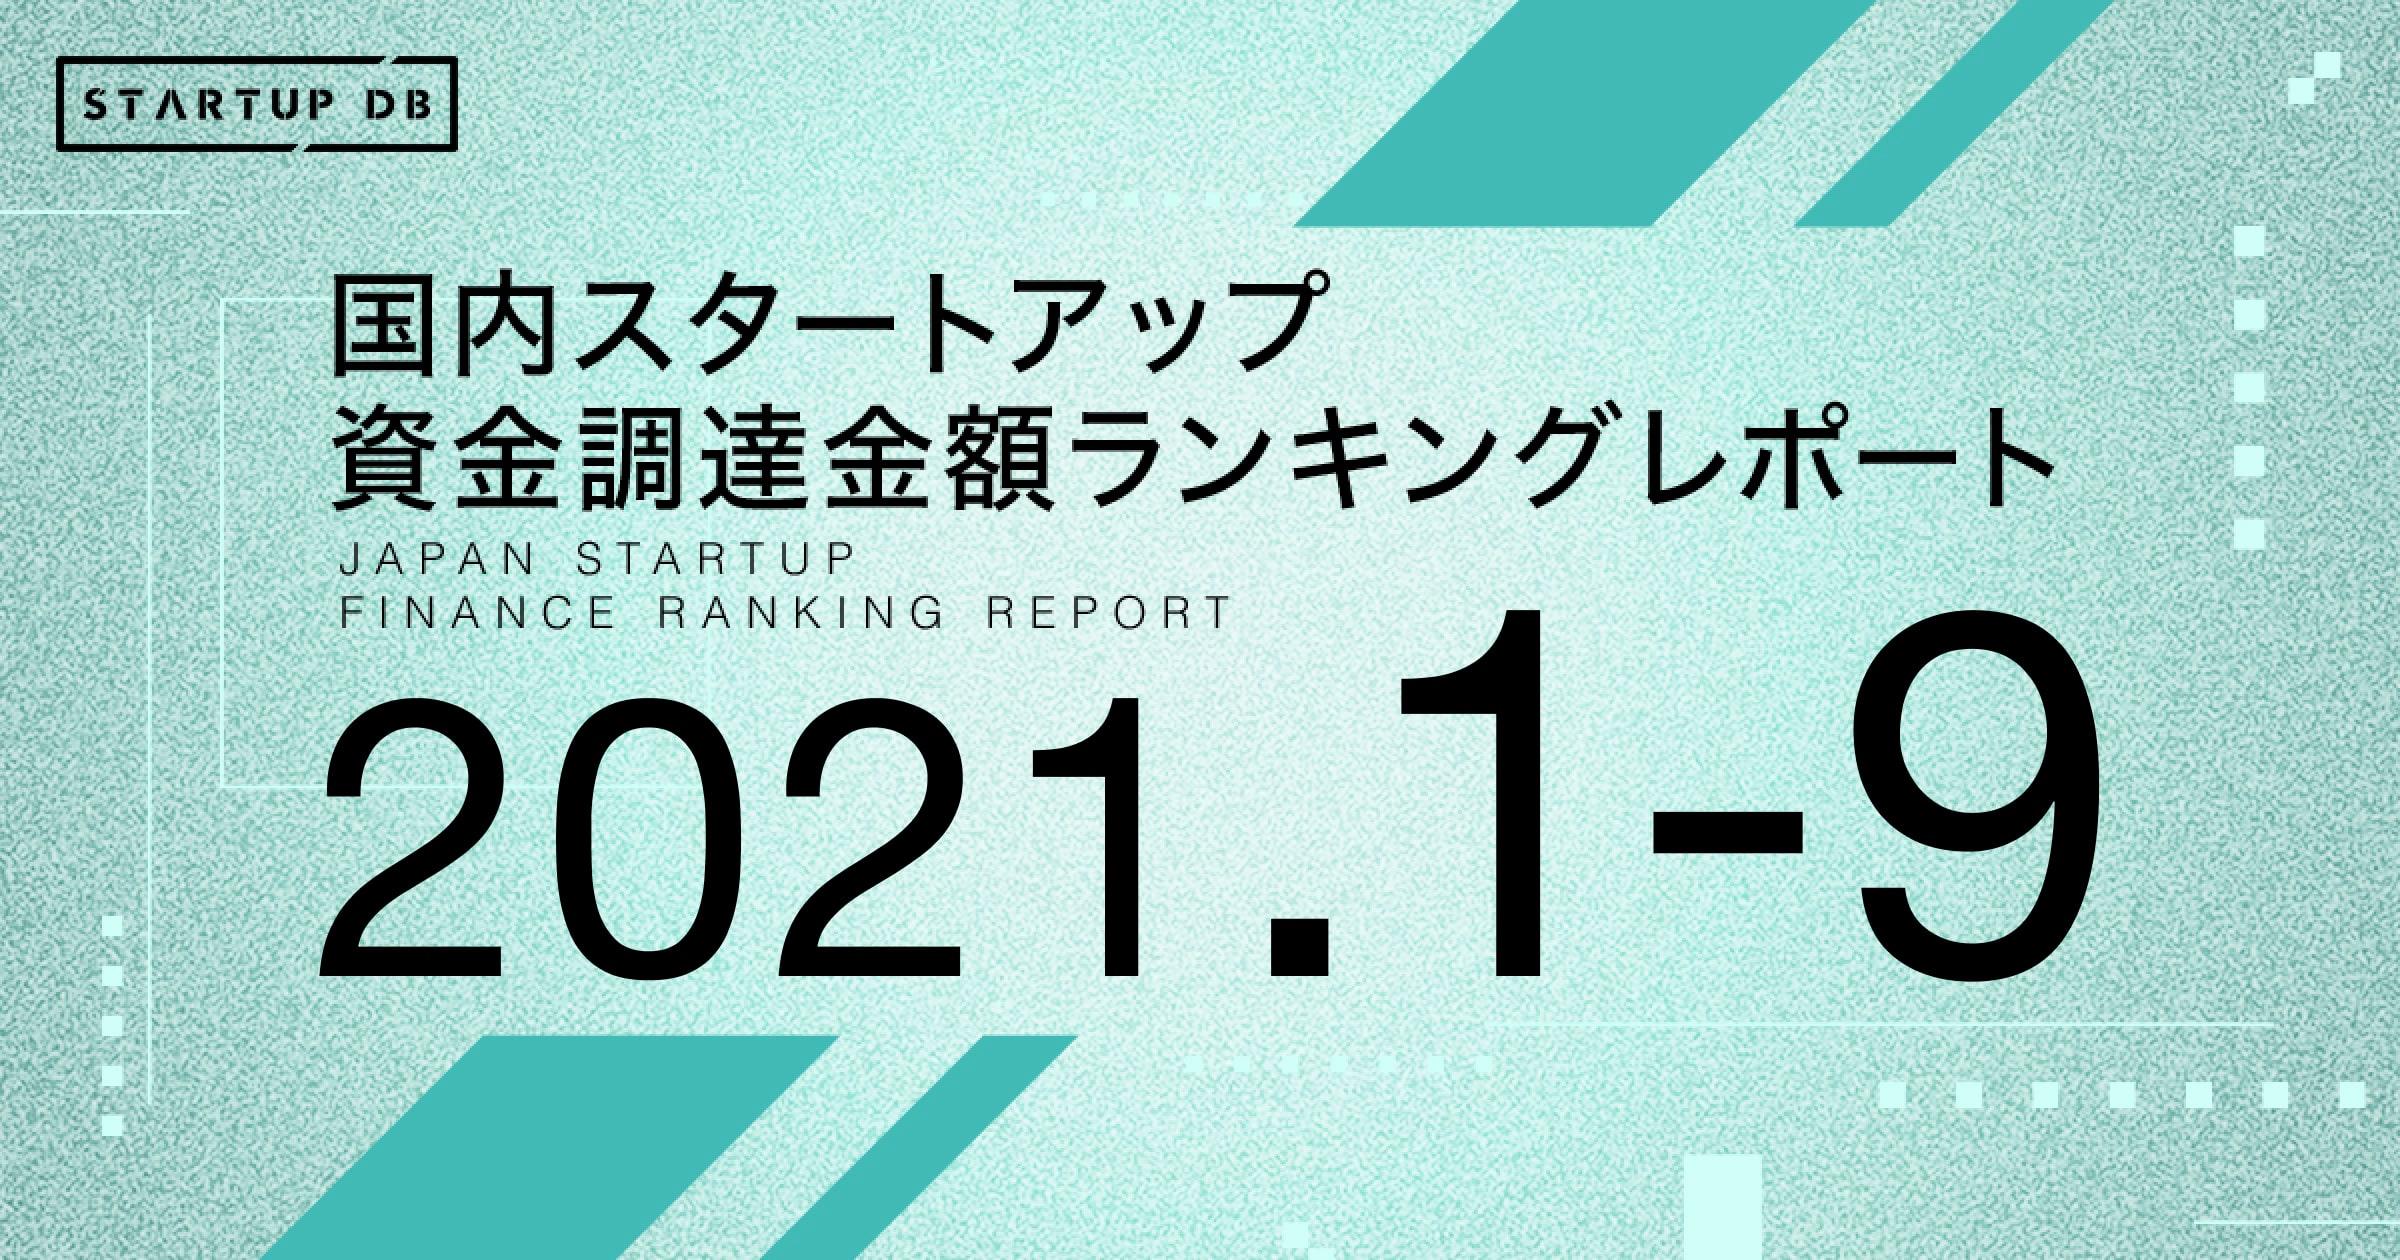 【STARTUP DB】調査結果 国内スタートアップ資金調達金額ランキング(2021年1-9月)